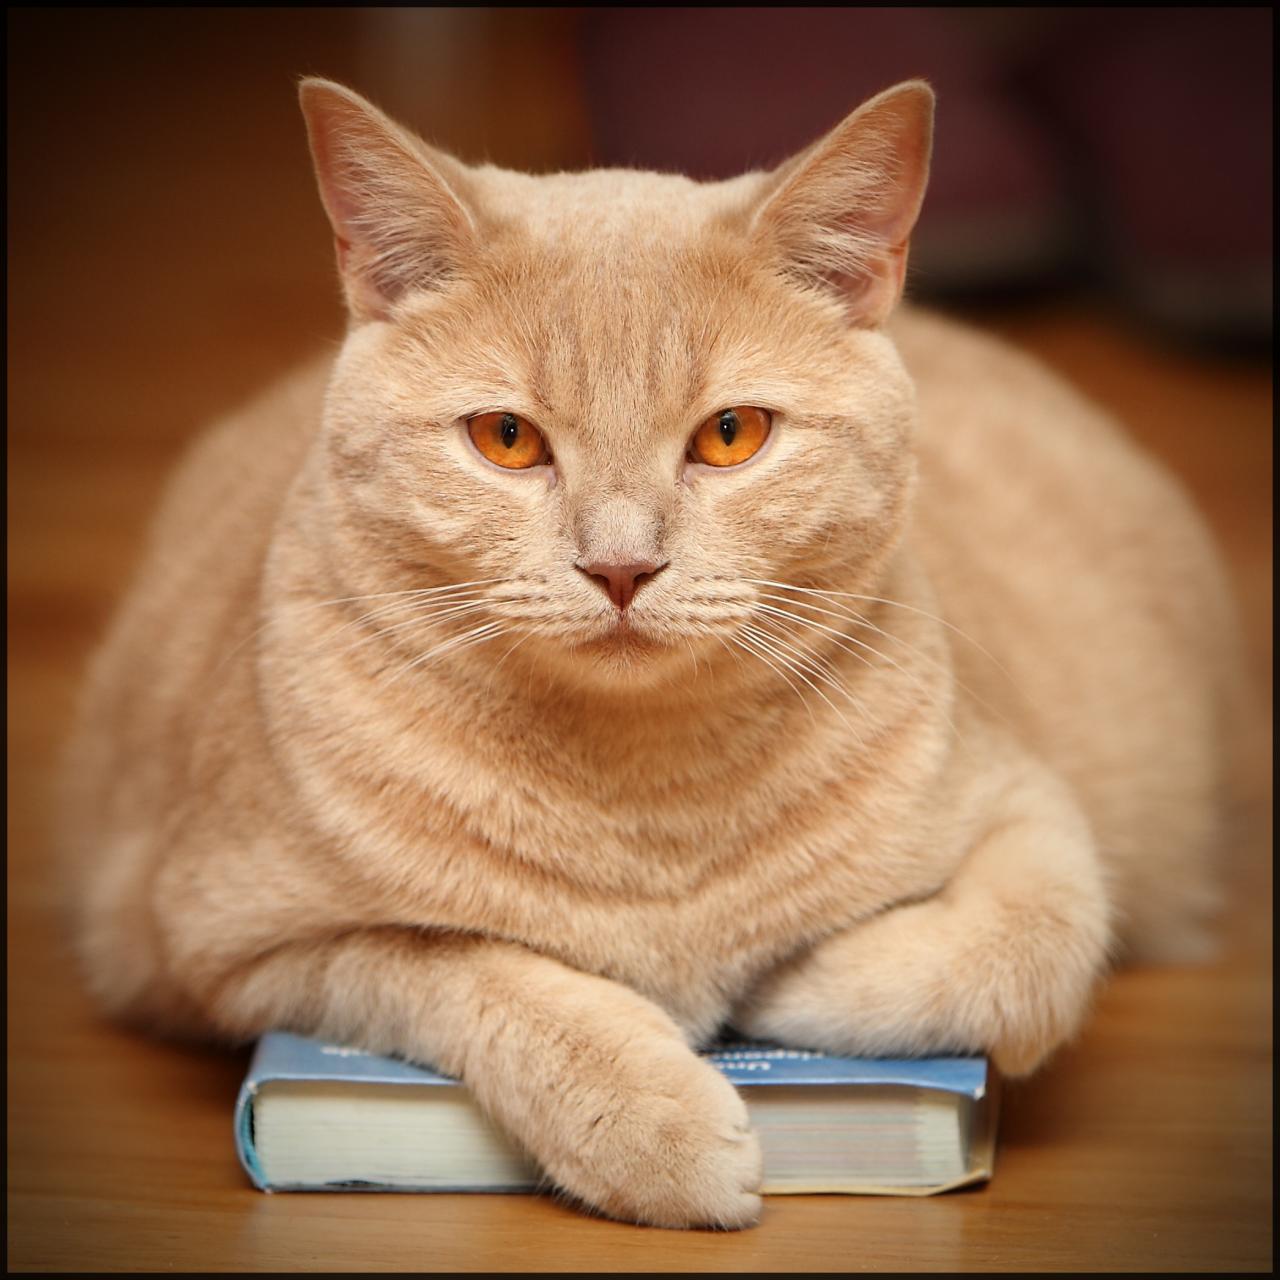 صور ماذا يغطي جسم القطة , فروة لكل قطة